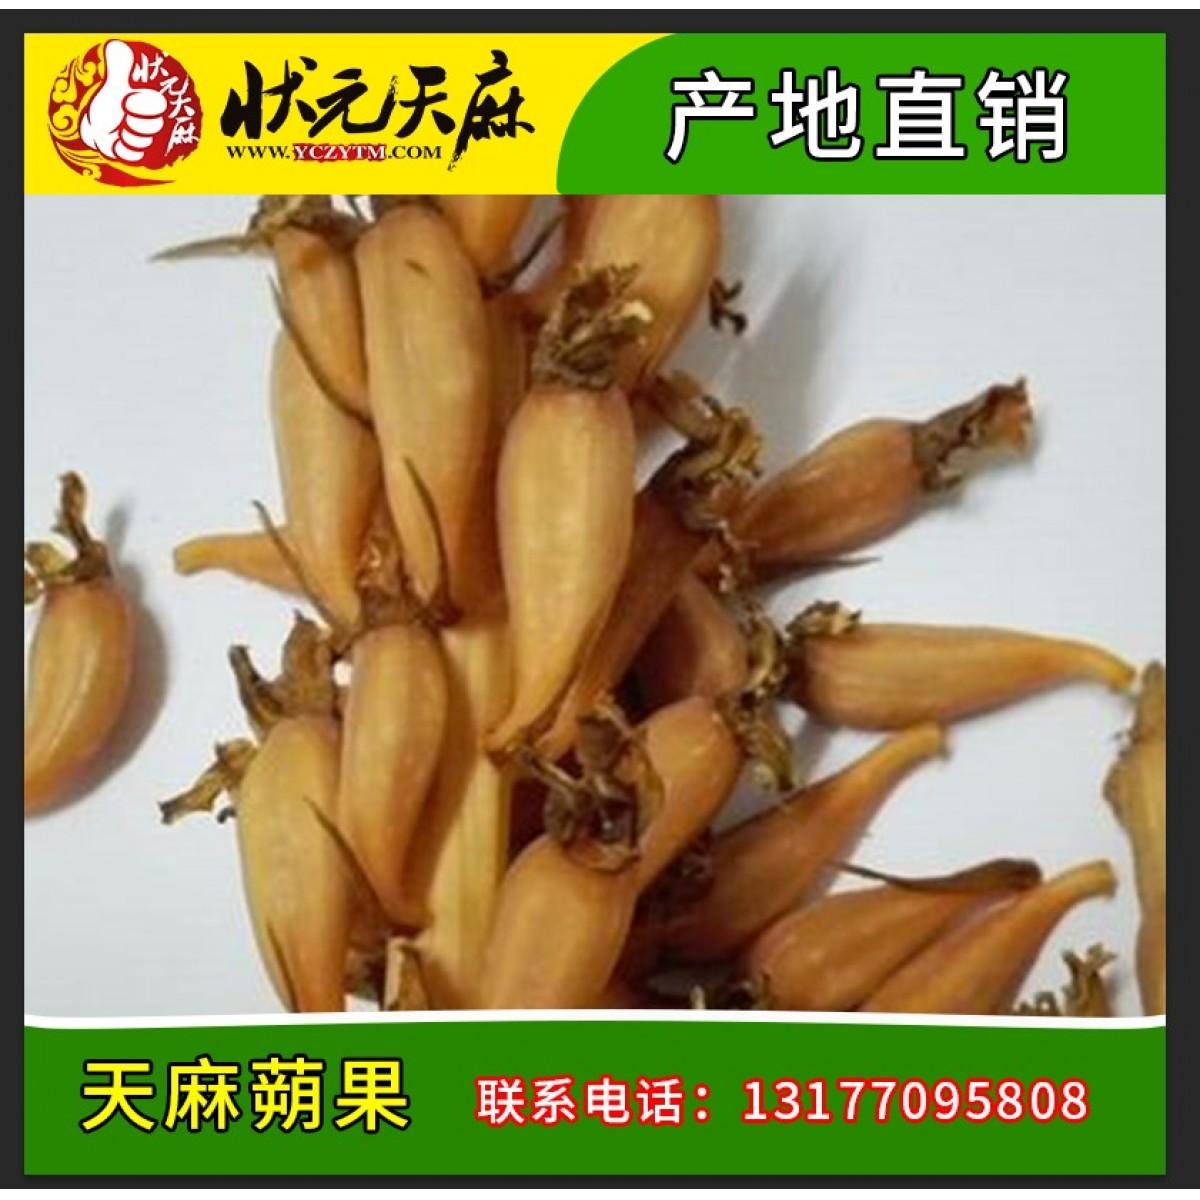 【状元天麻】新鲜天麻蒴果 乌红天麻蒴果 宜昌天麻种子